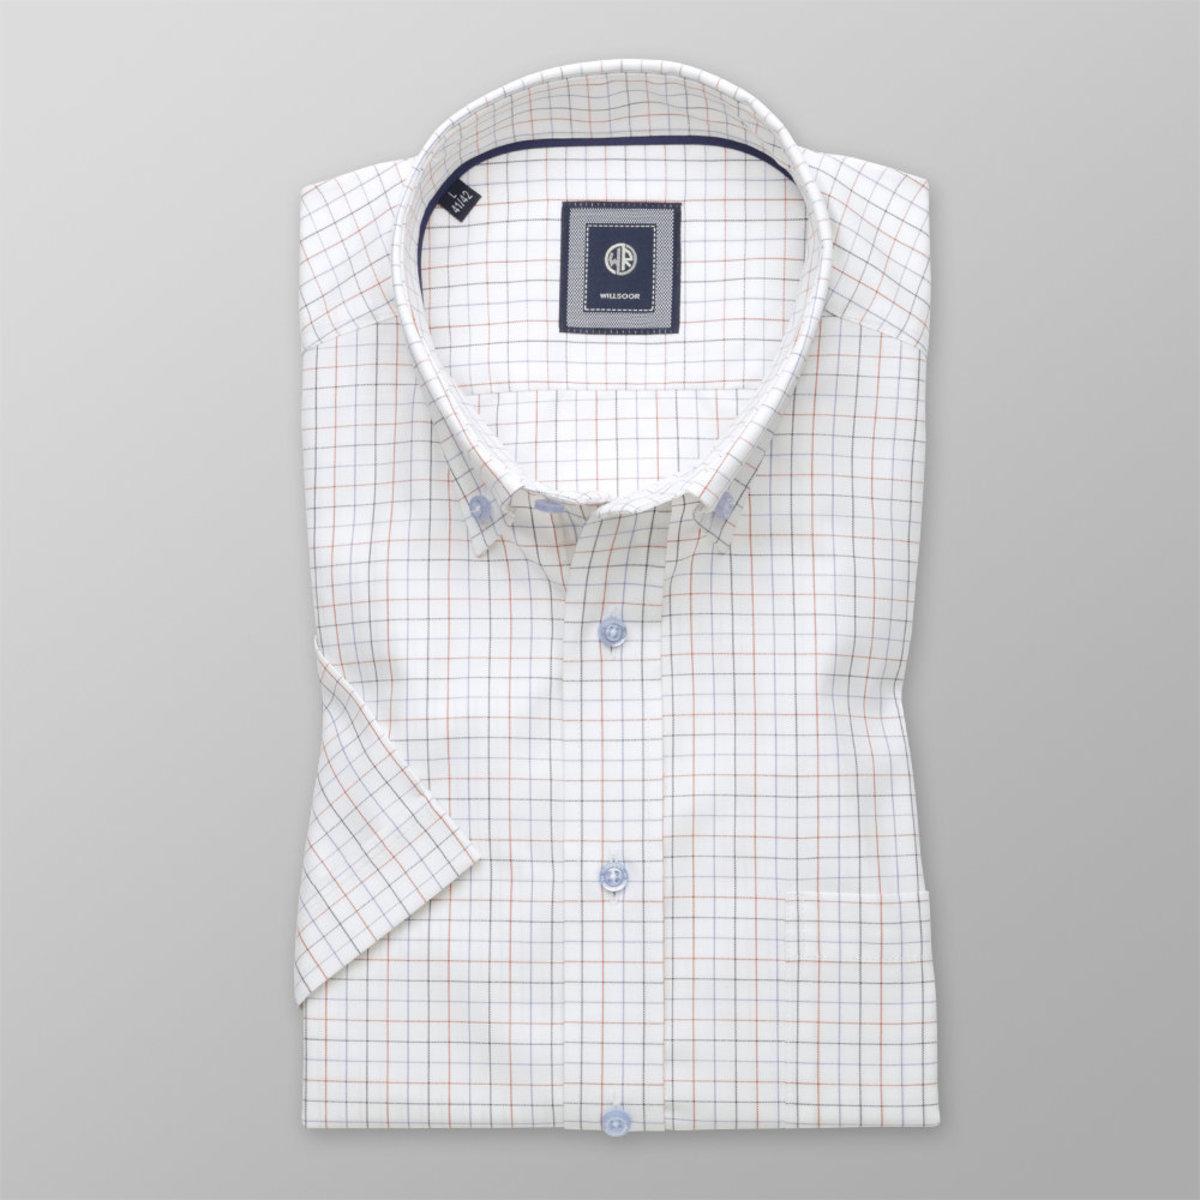 Košeľa Slim Fit s jemným károvaným vzorom (výška 176 - 182) 10832 176-182 / XL (43/44)